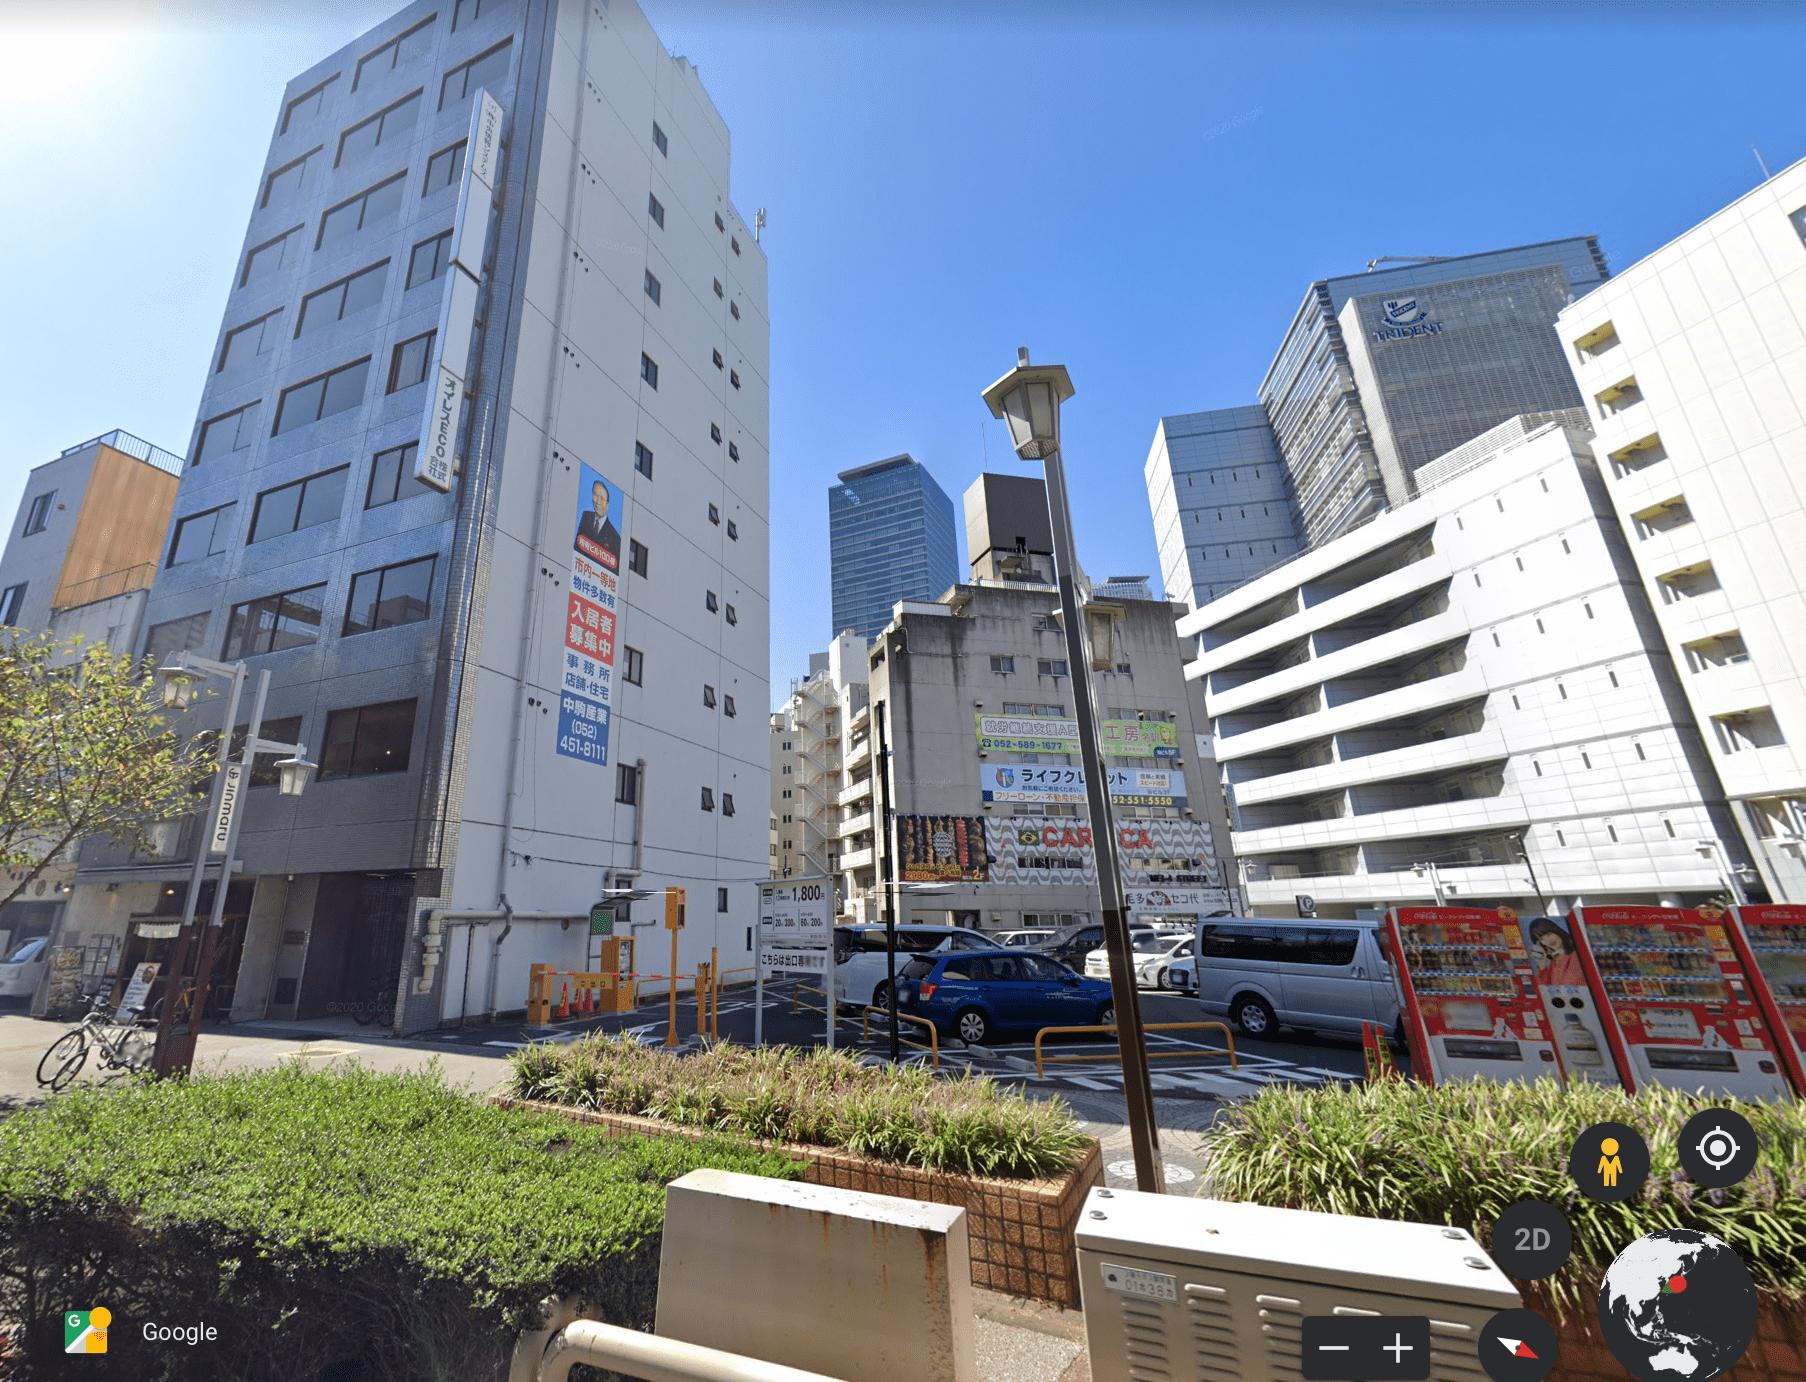 名古屋駅-ユニモール12番口-スグ近くに位置する英会話教室-えいごシャワーです